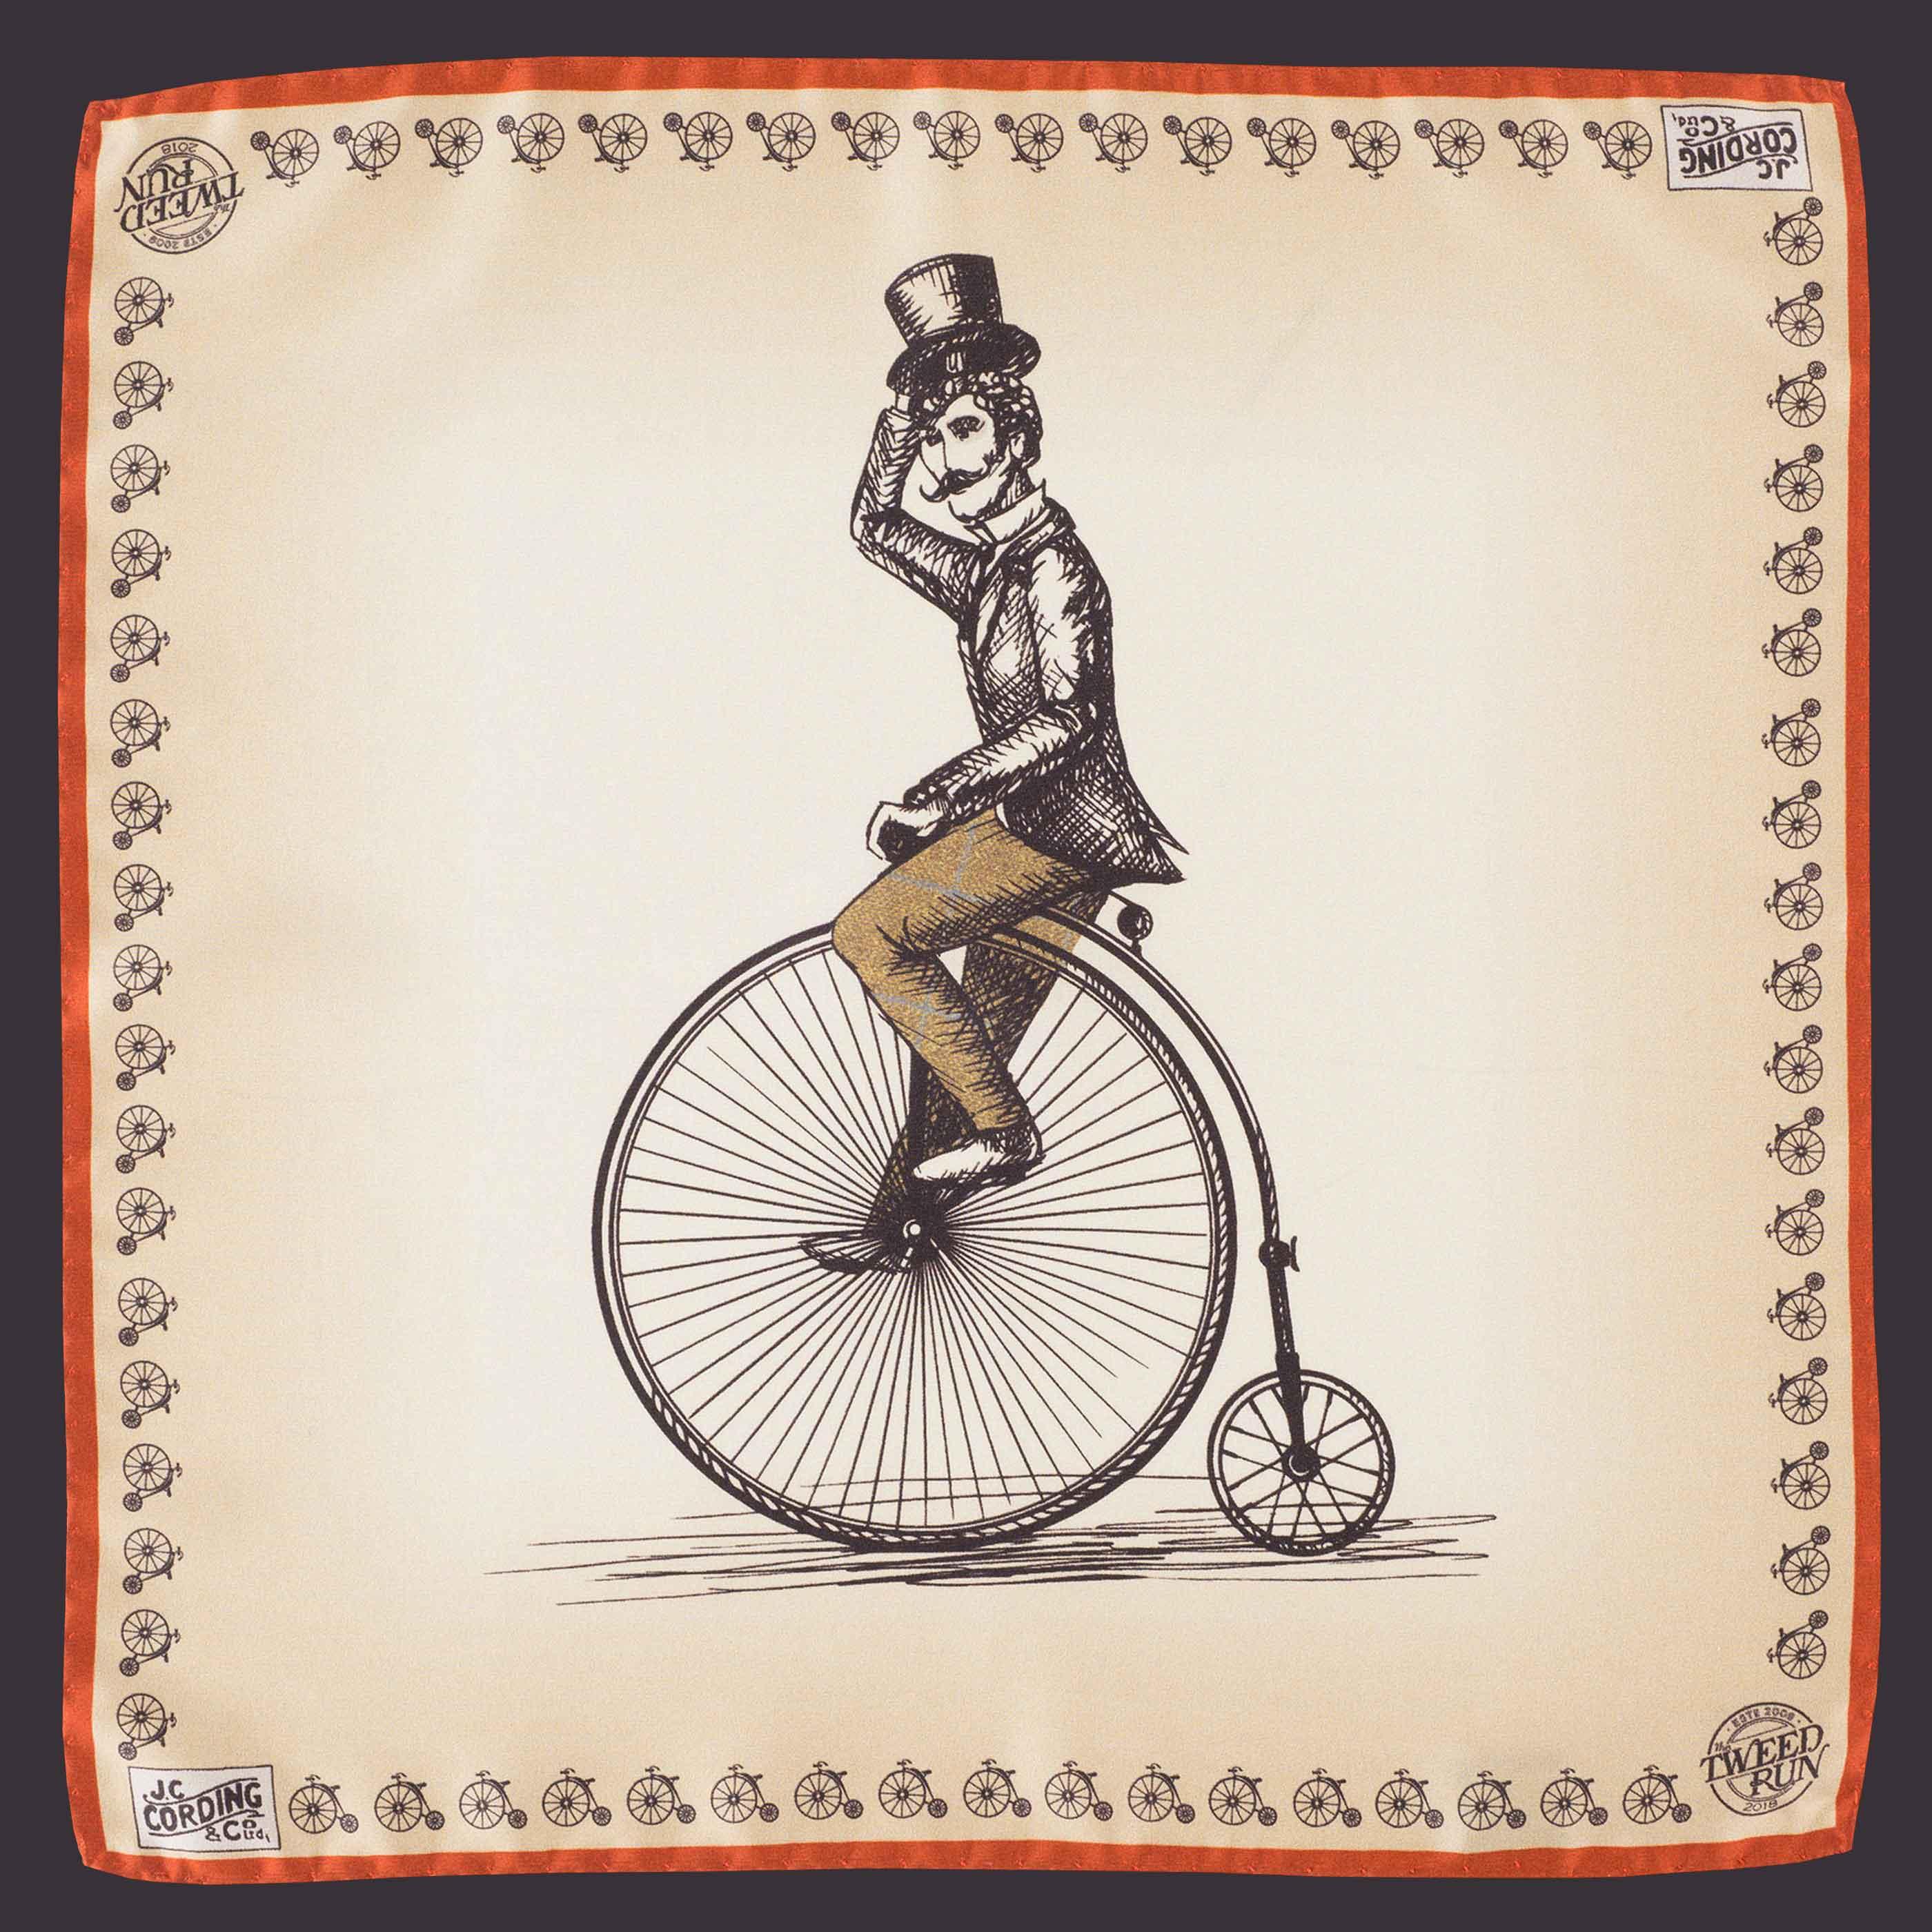 Introducing the Tweed Run 2018 Handkerchief